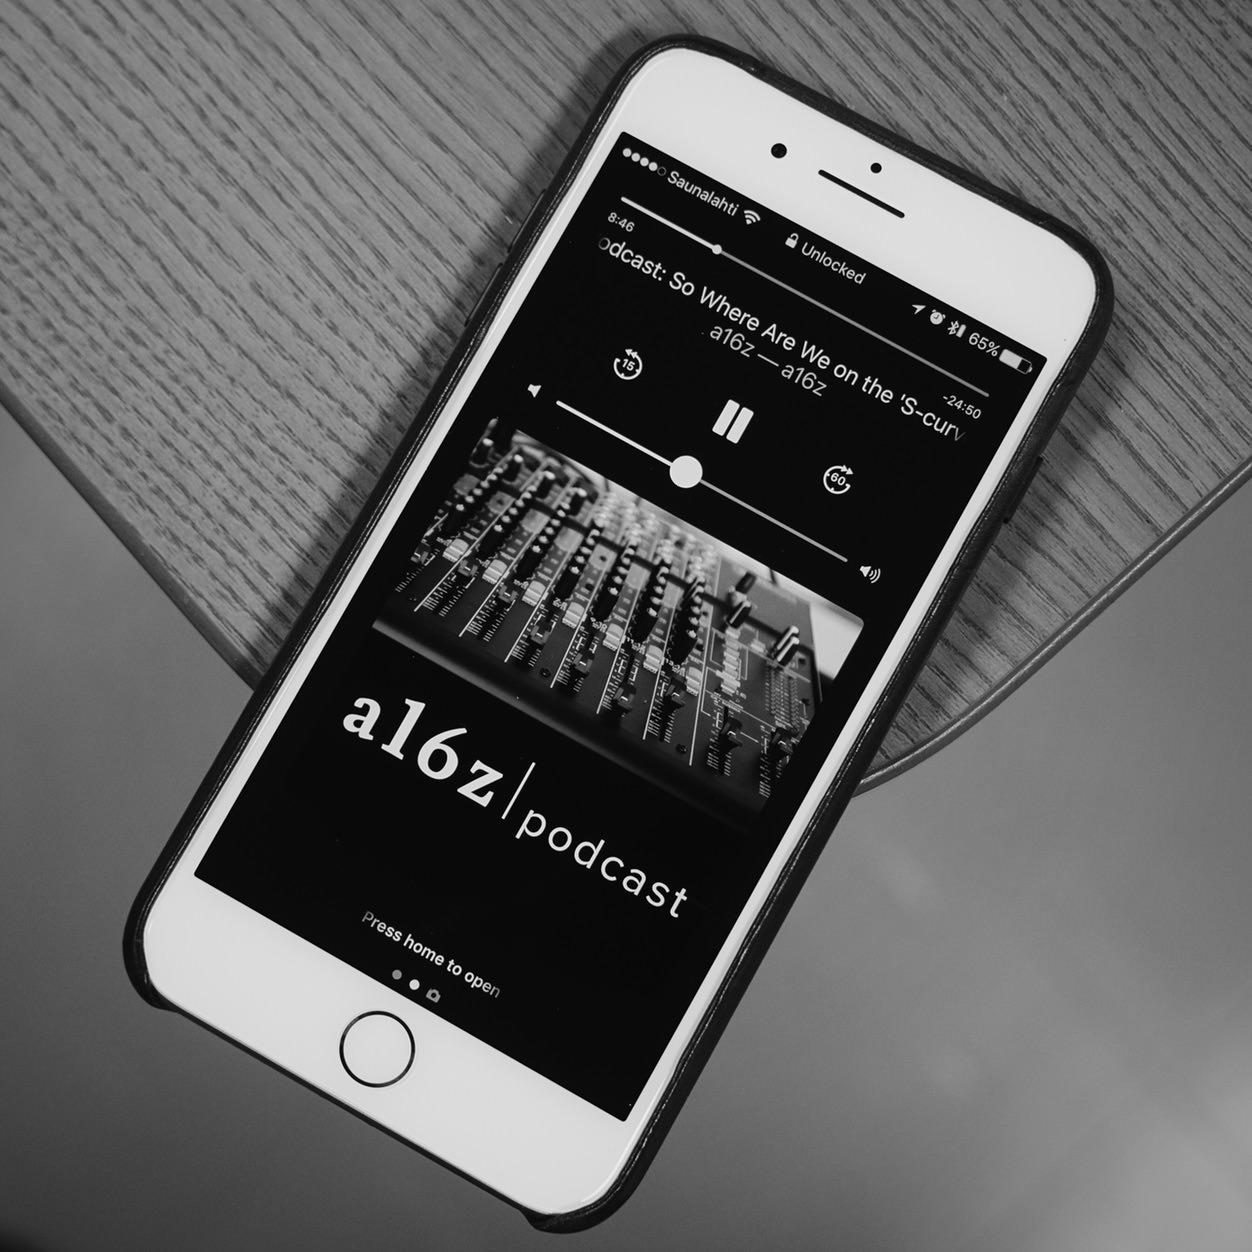 iphoneblog-de_a16z